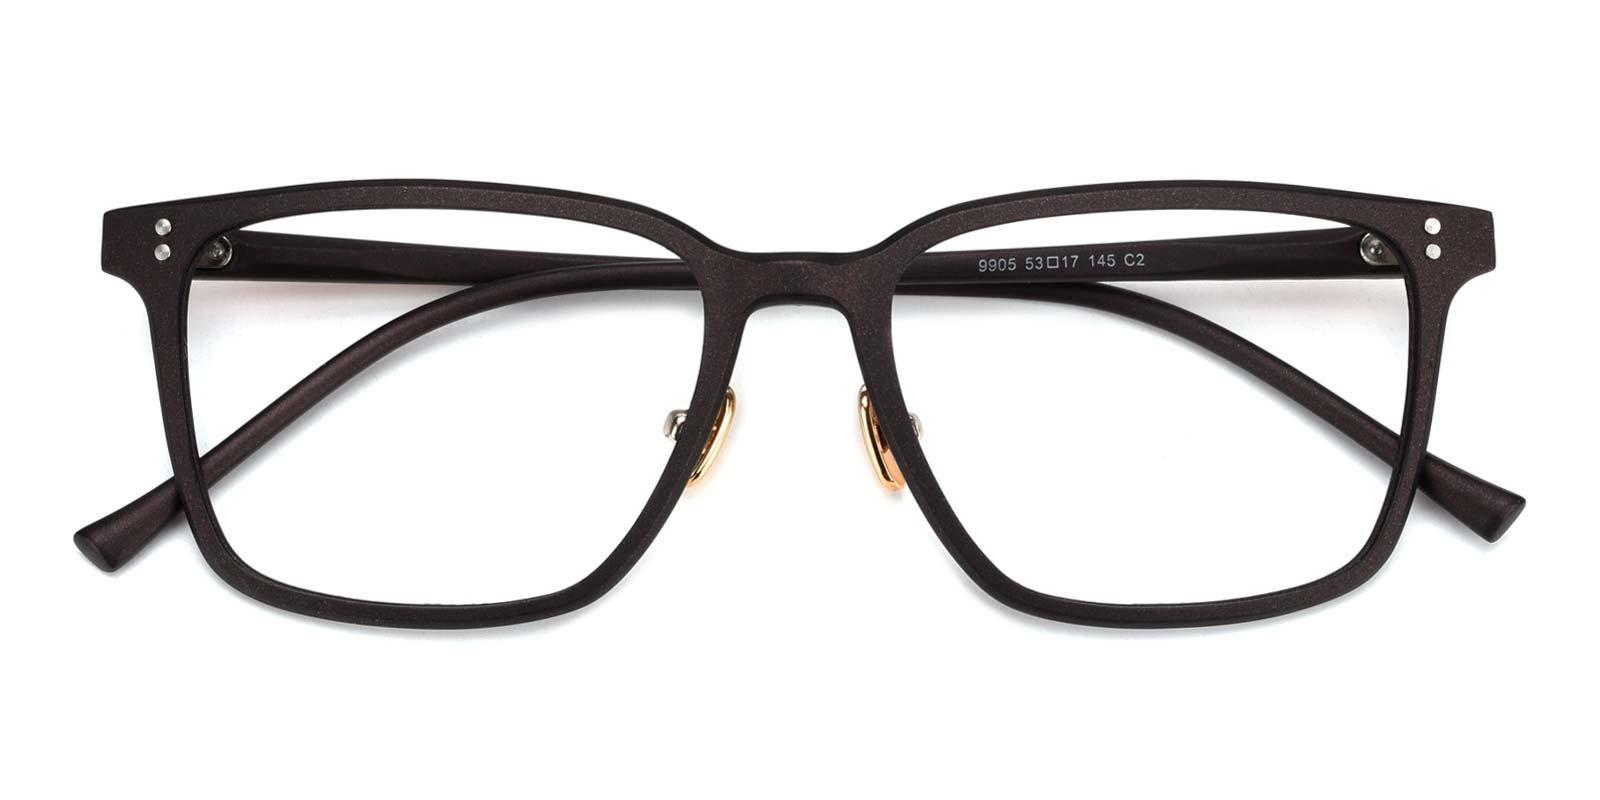 Starlight-Gun-Rectangle-TR-Eyeglasses-detail